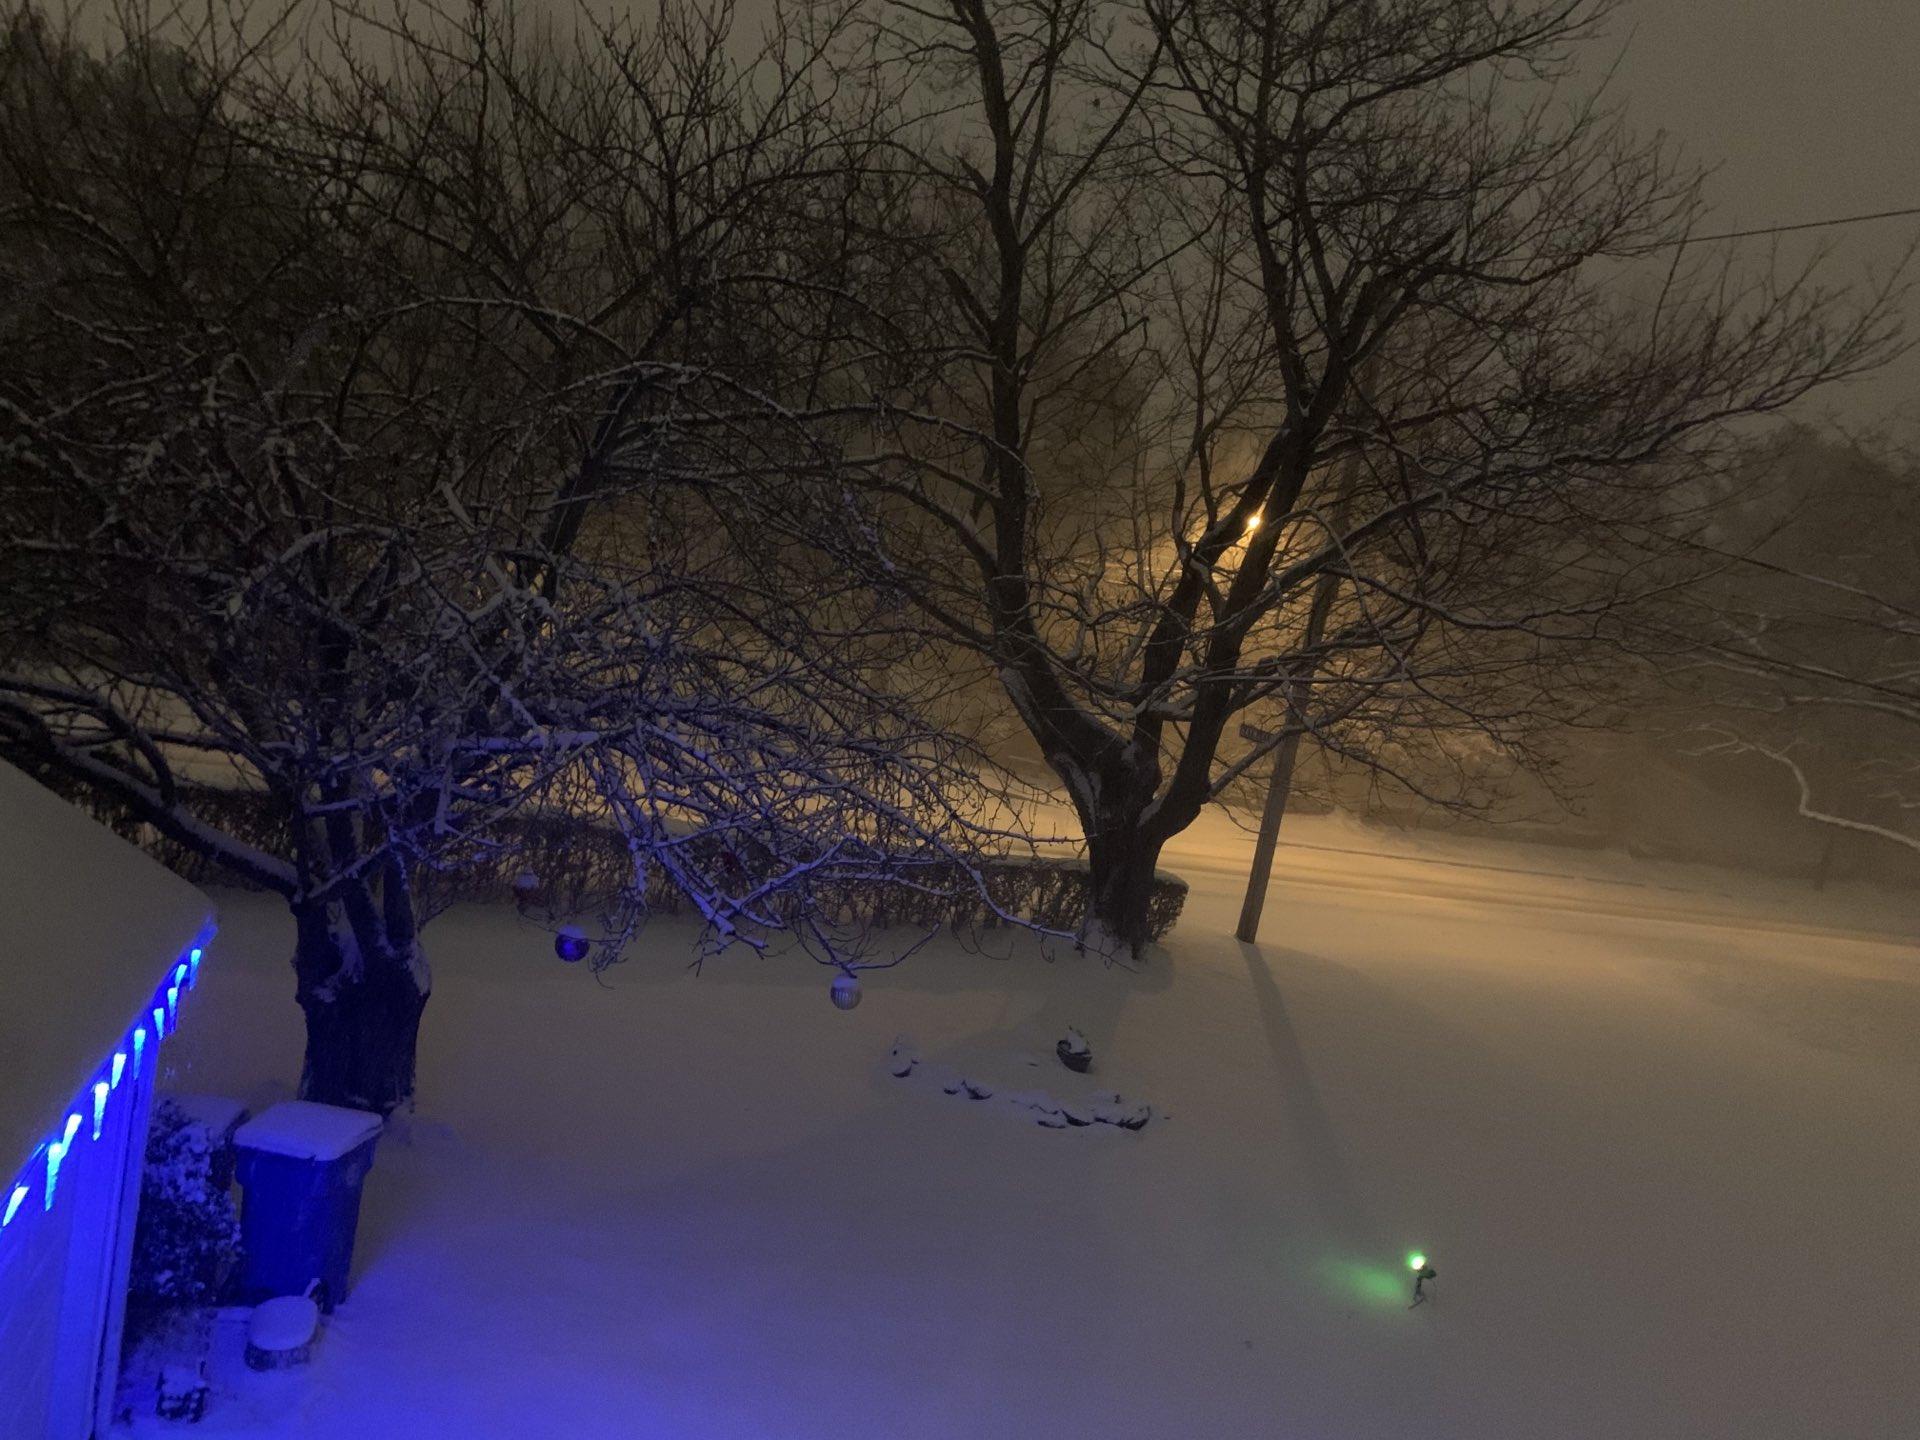 nieve-estados-unidos